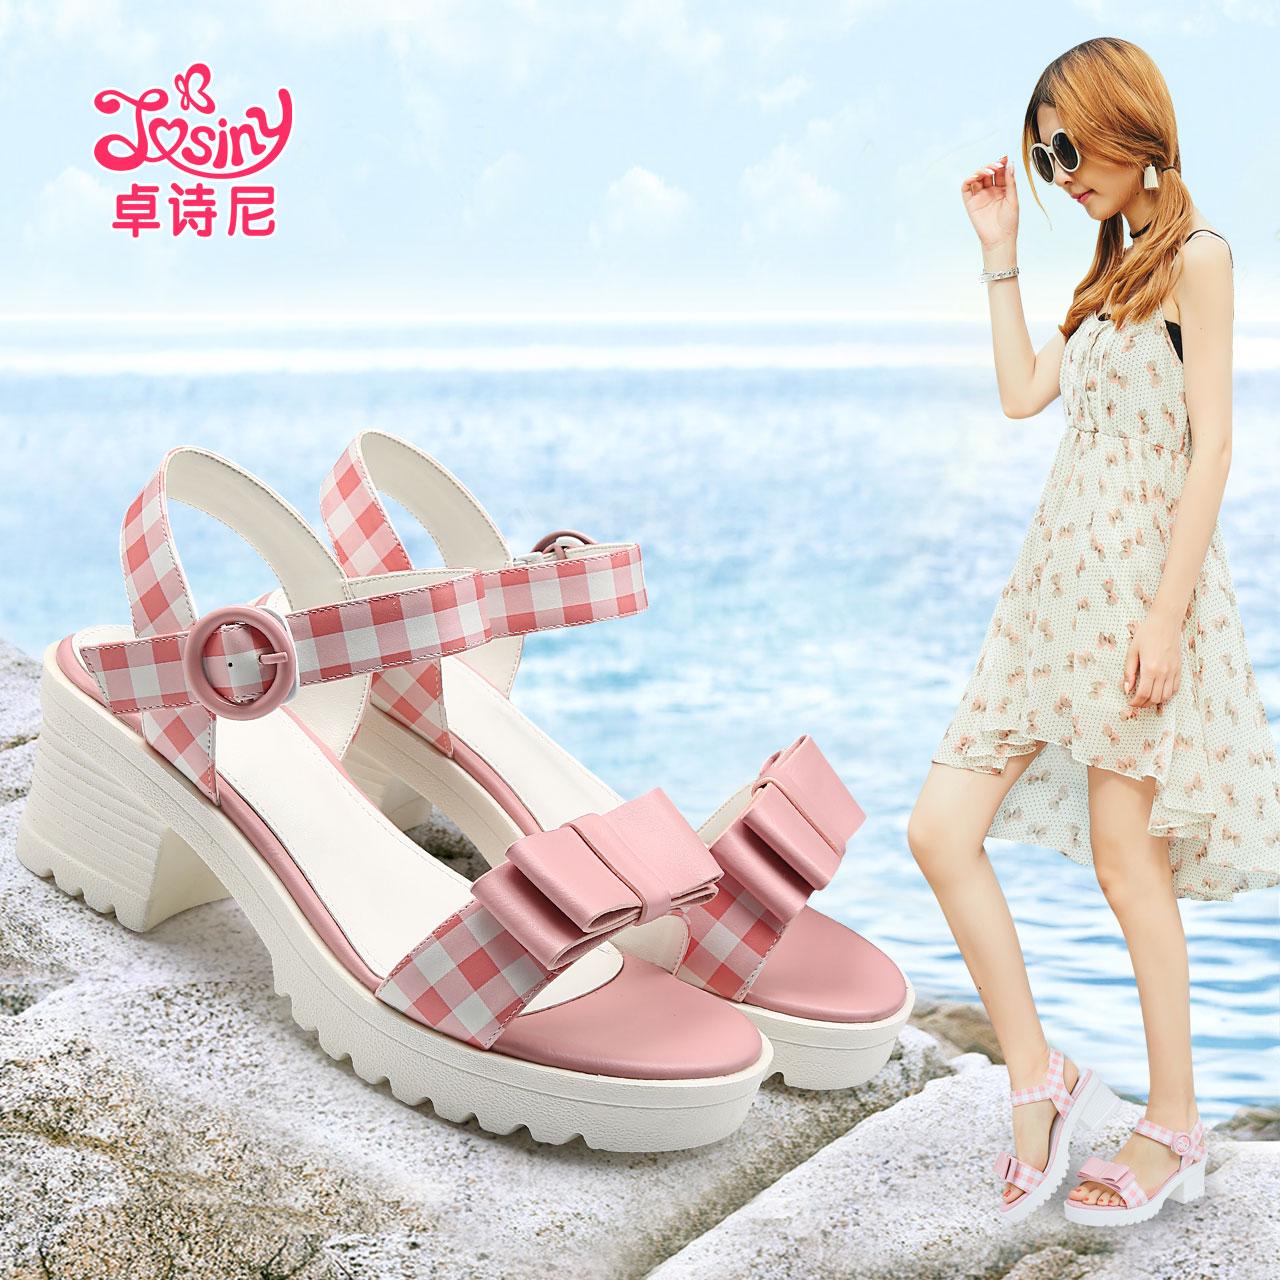 卓诗尼夏季新款甜美蝴蝶结搭扣高跟修面粗跟凉鞋女162135130